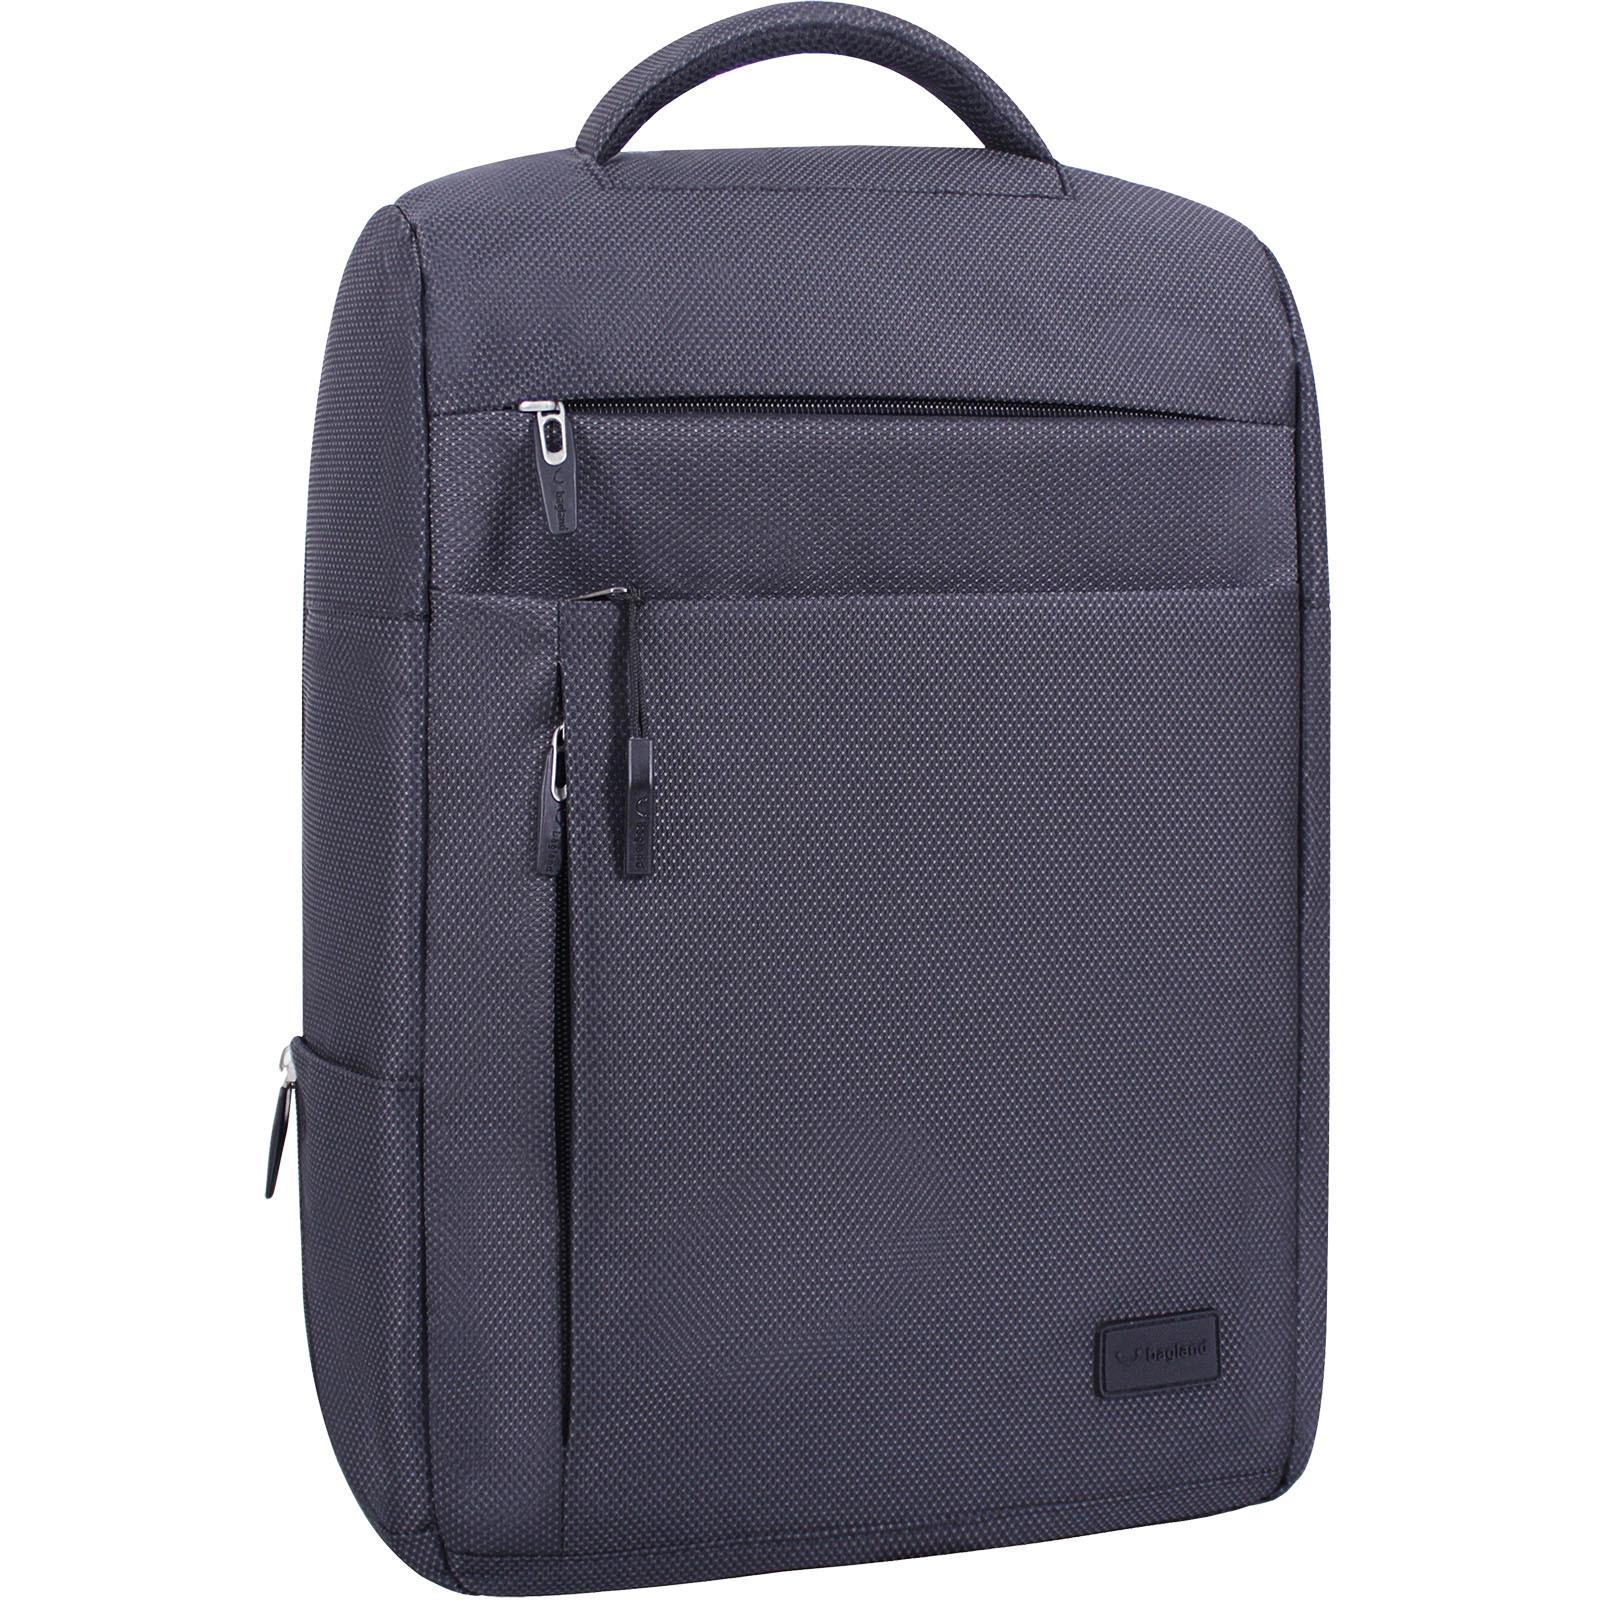 Городские рюкзаки Рюкзак Bagland Волнорез 20 л. черный (00138169) IMG_3287.JPG